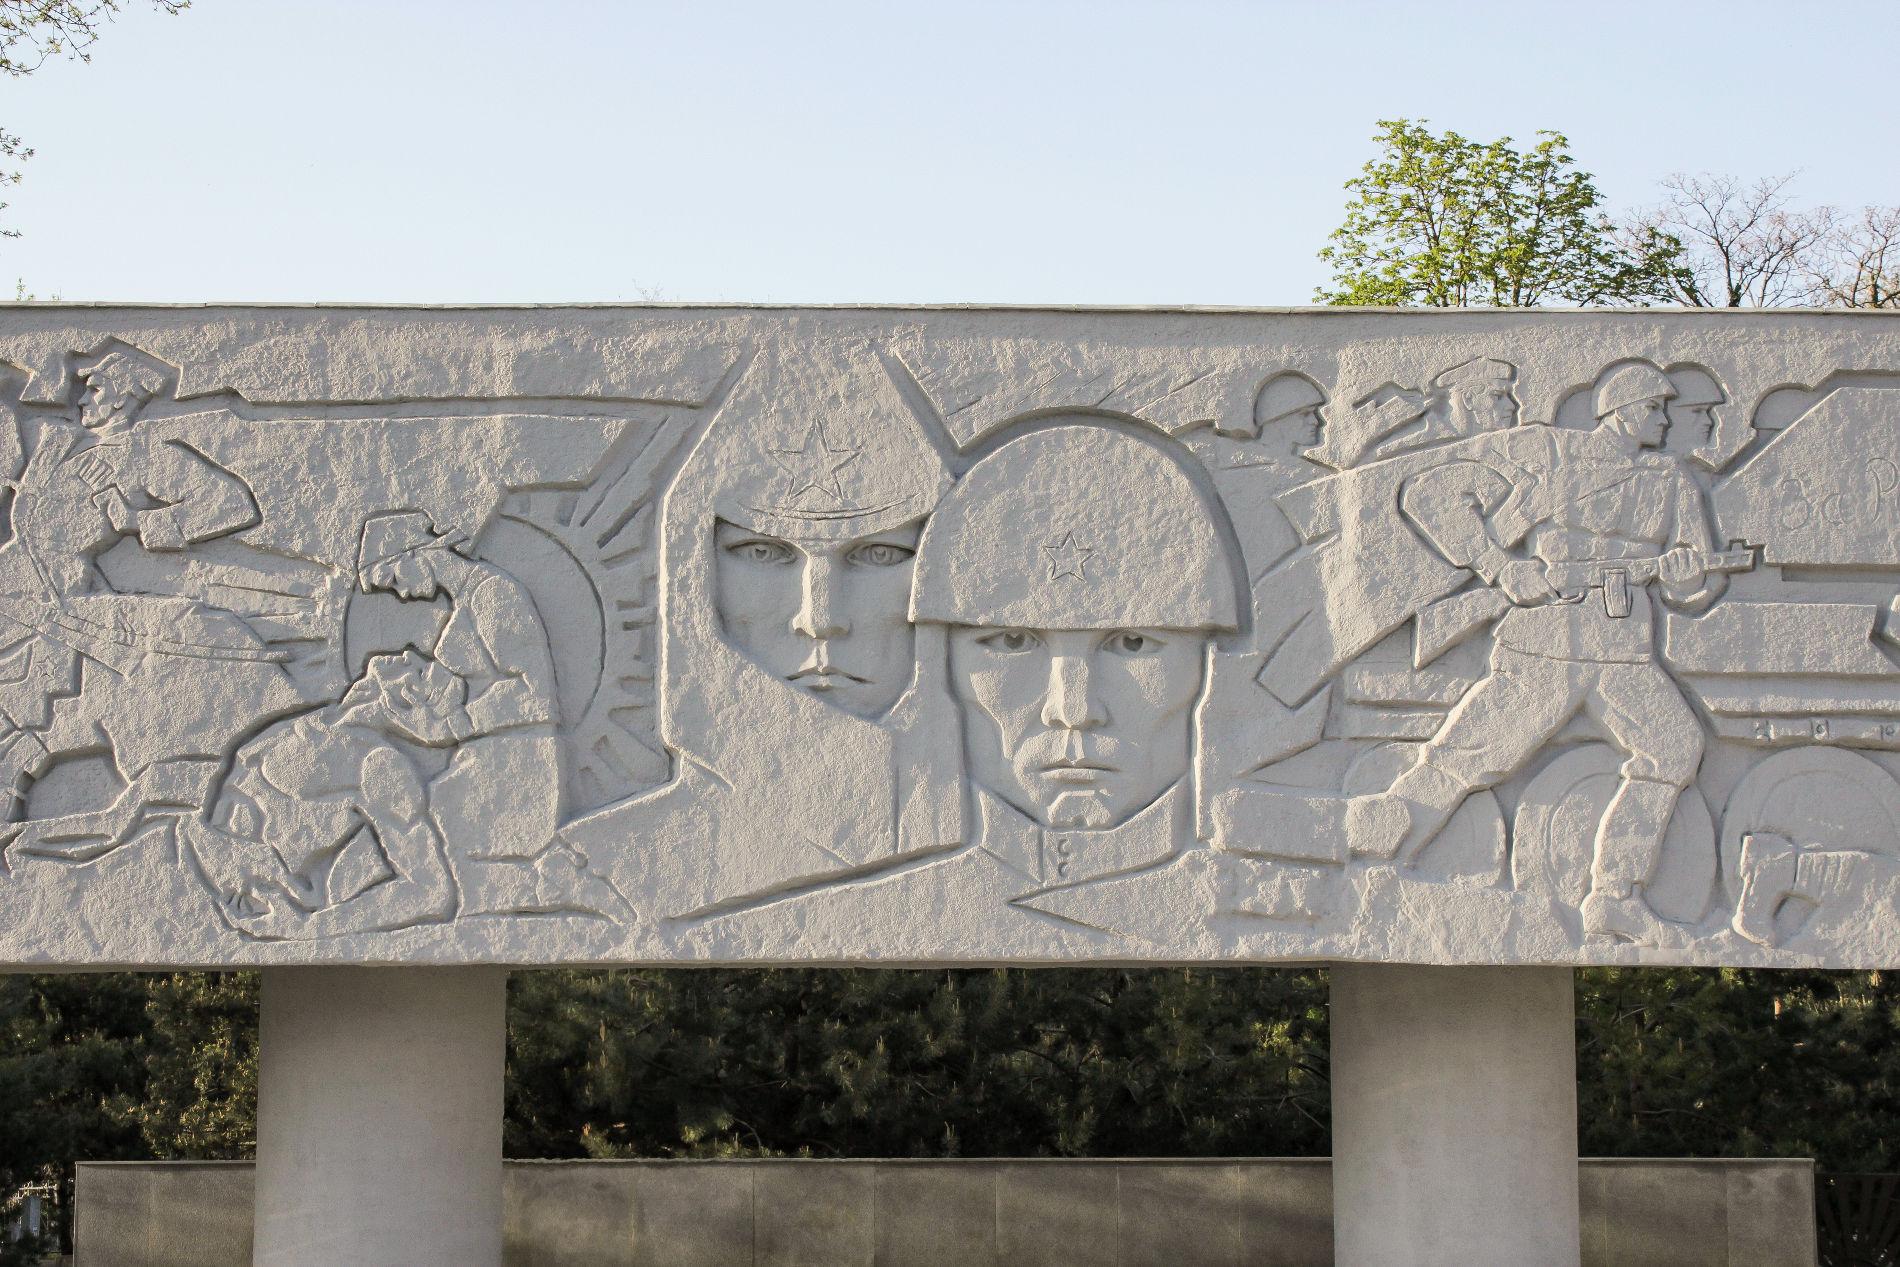 Барельеф изображает эпизоды как из Гражданской войны, так и из Великой Отечественной ©Фото Динара Бурангулова, Юга.ру